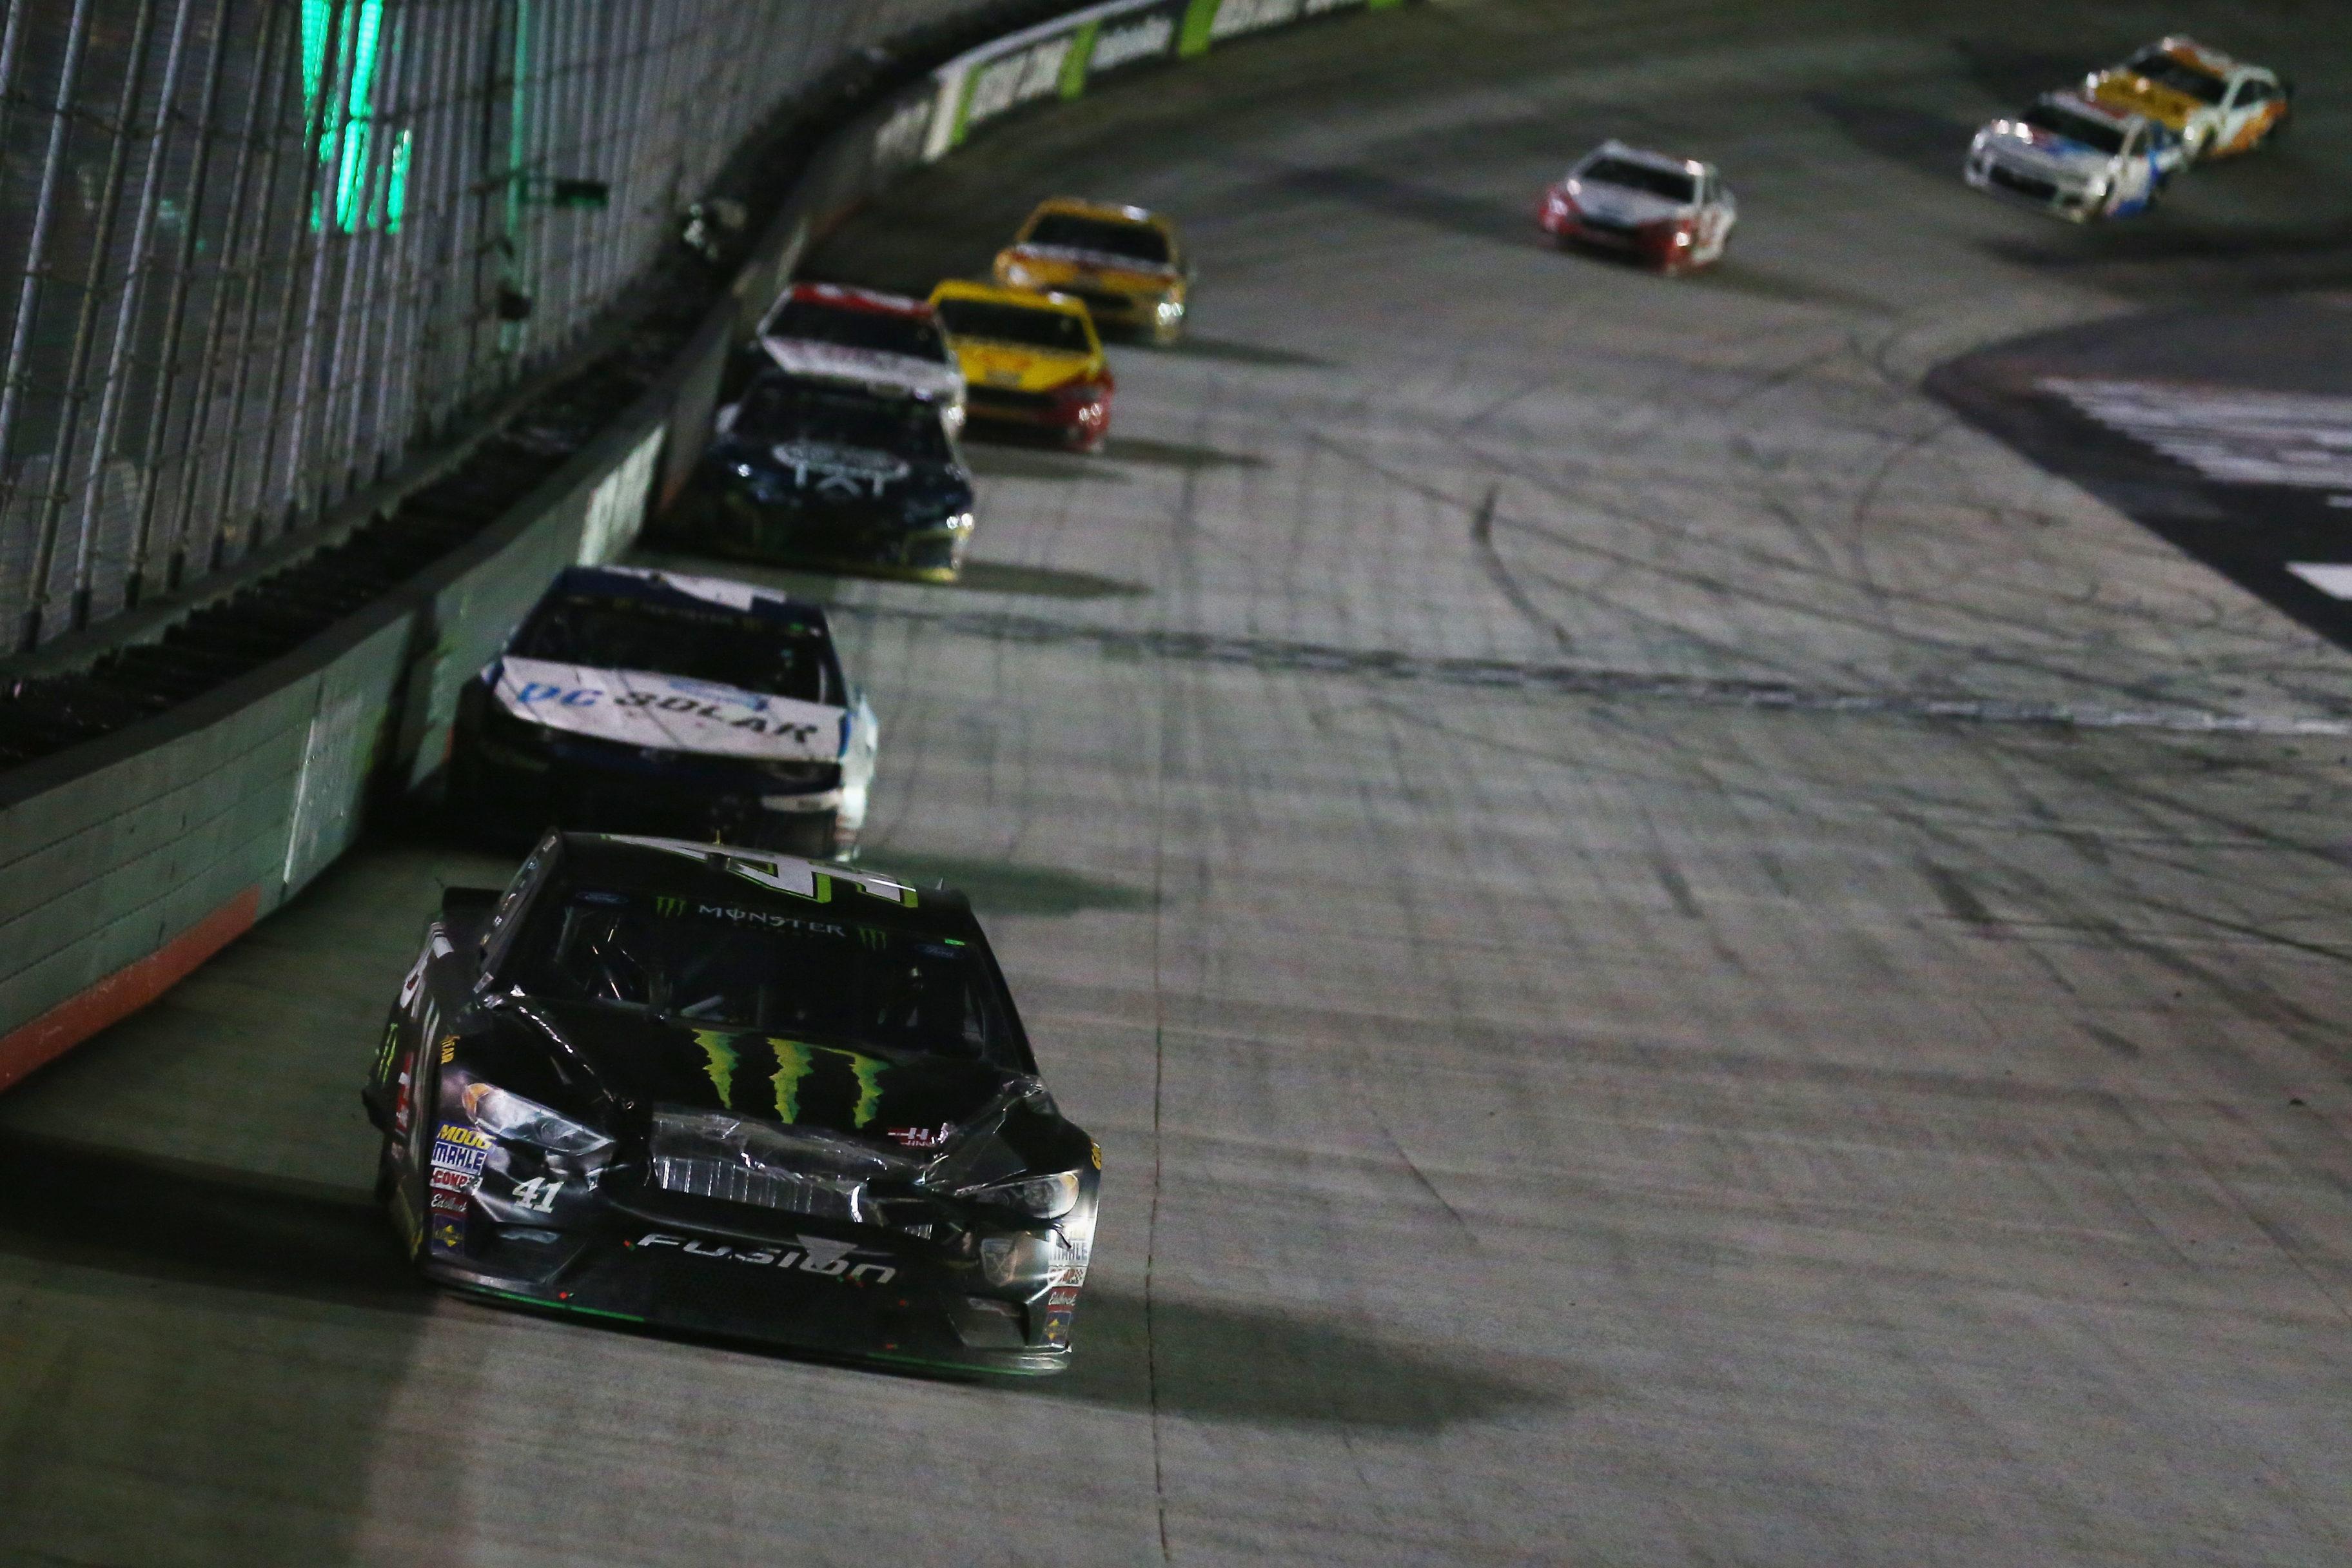 Kurt Busch leads Kyle Larson at Bristol Motor Speedway